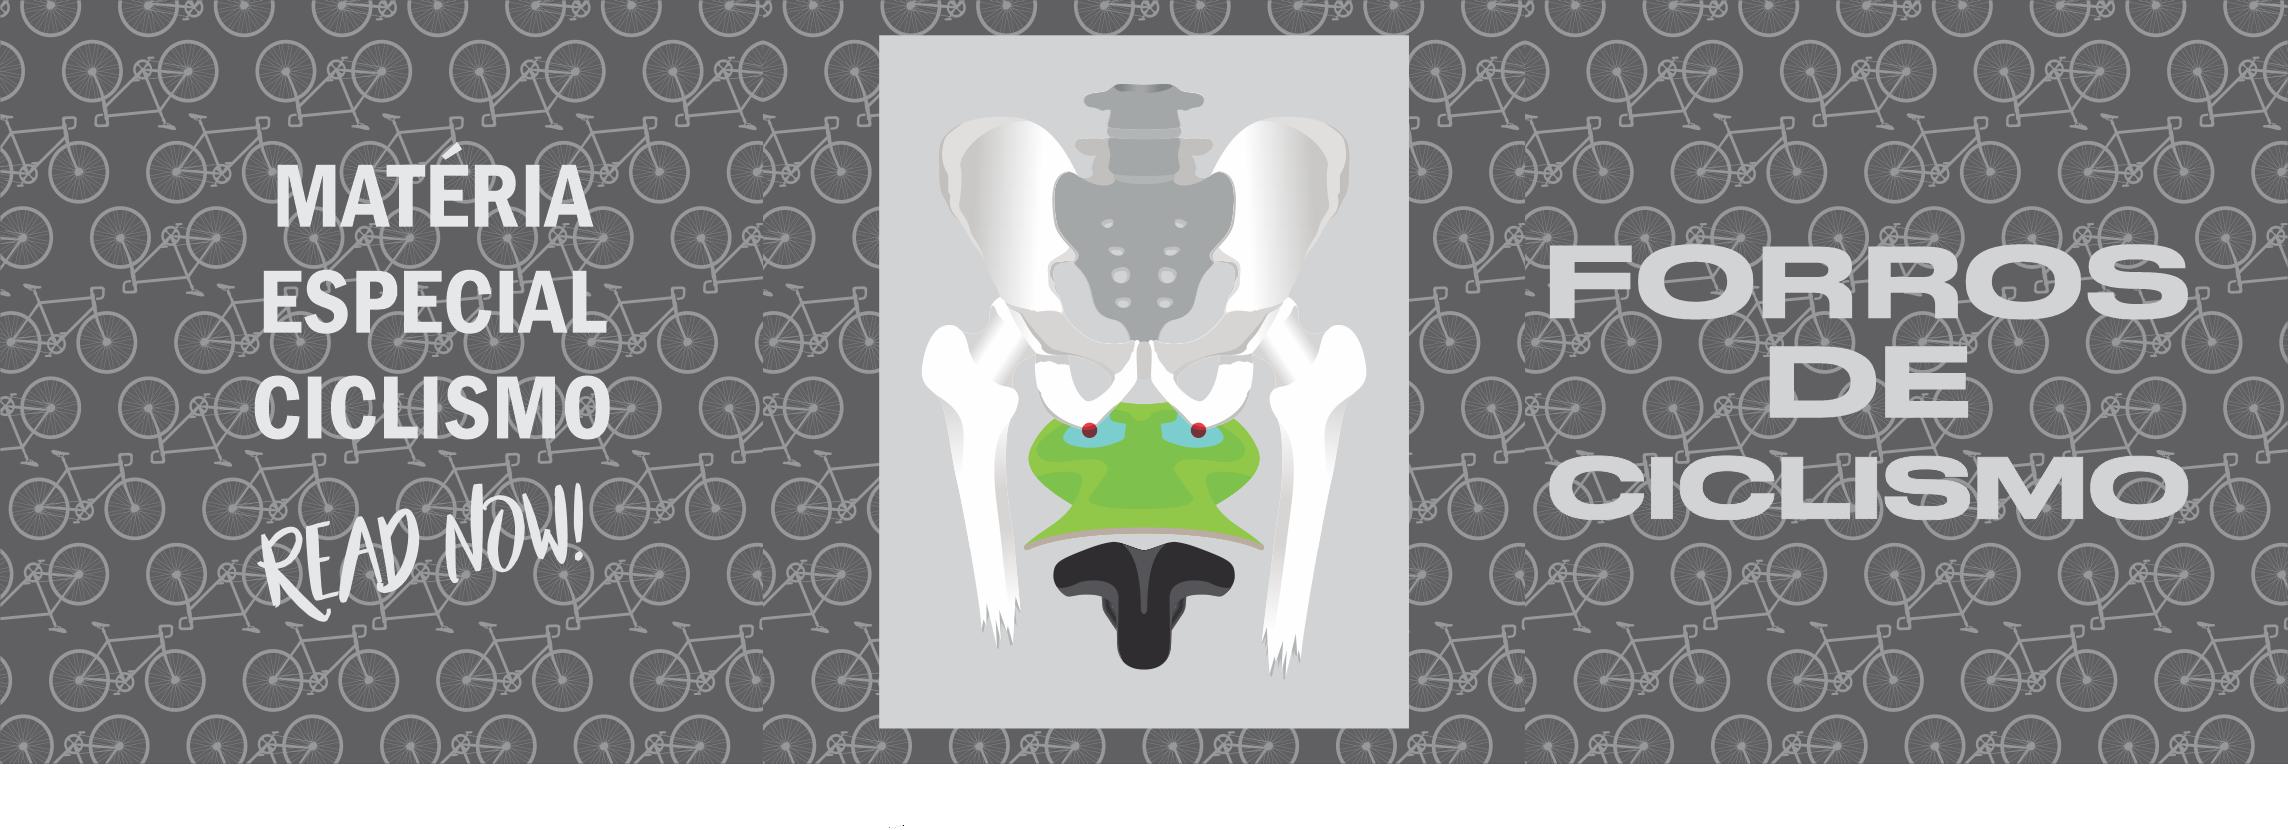 Você sabe qual a finalidade do forro de ciclismo?